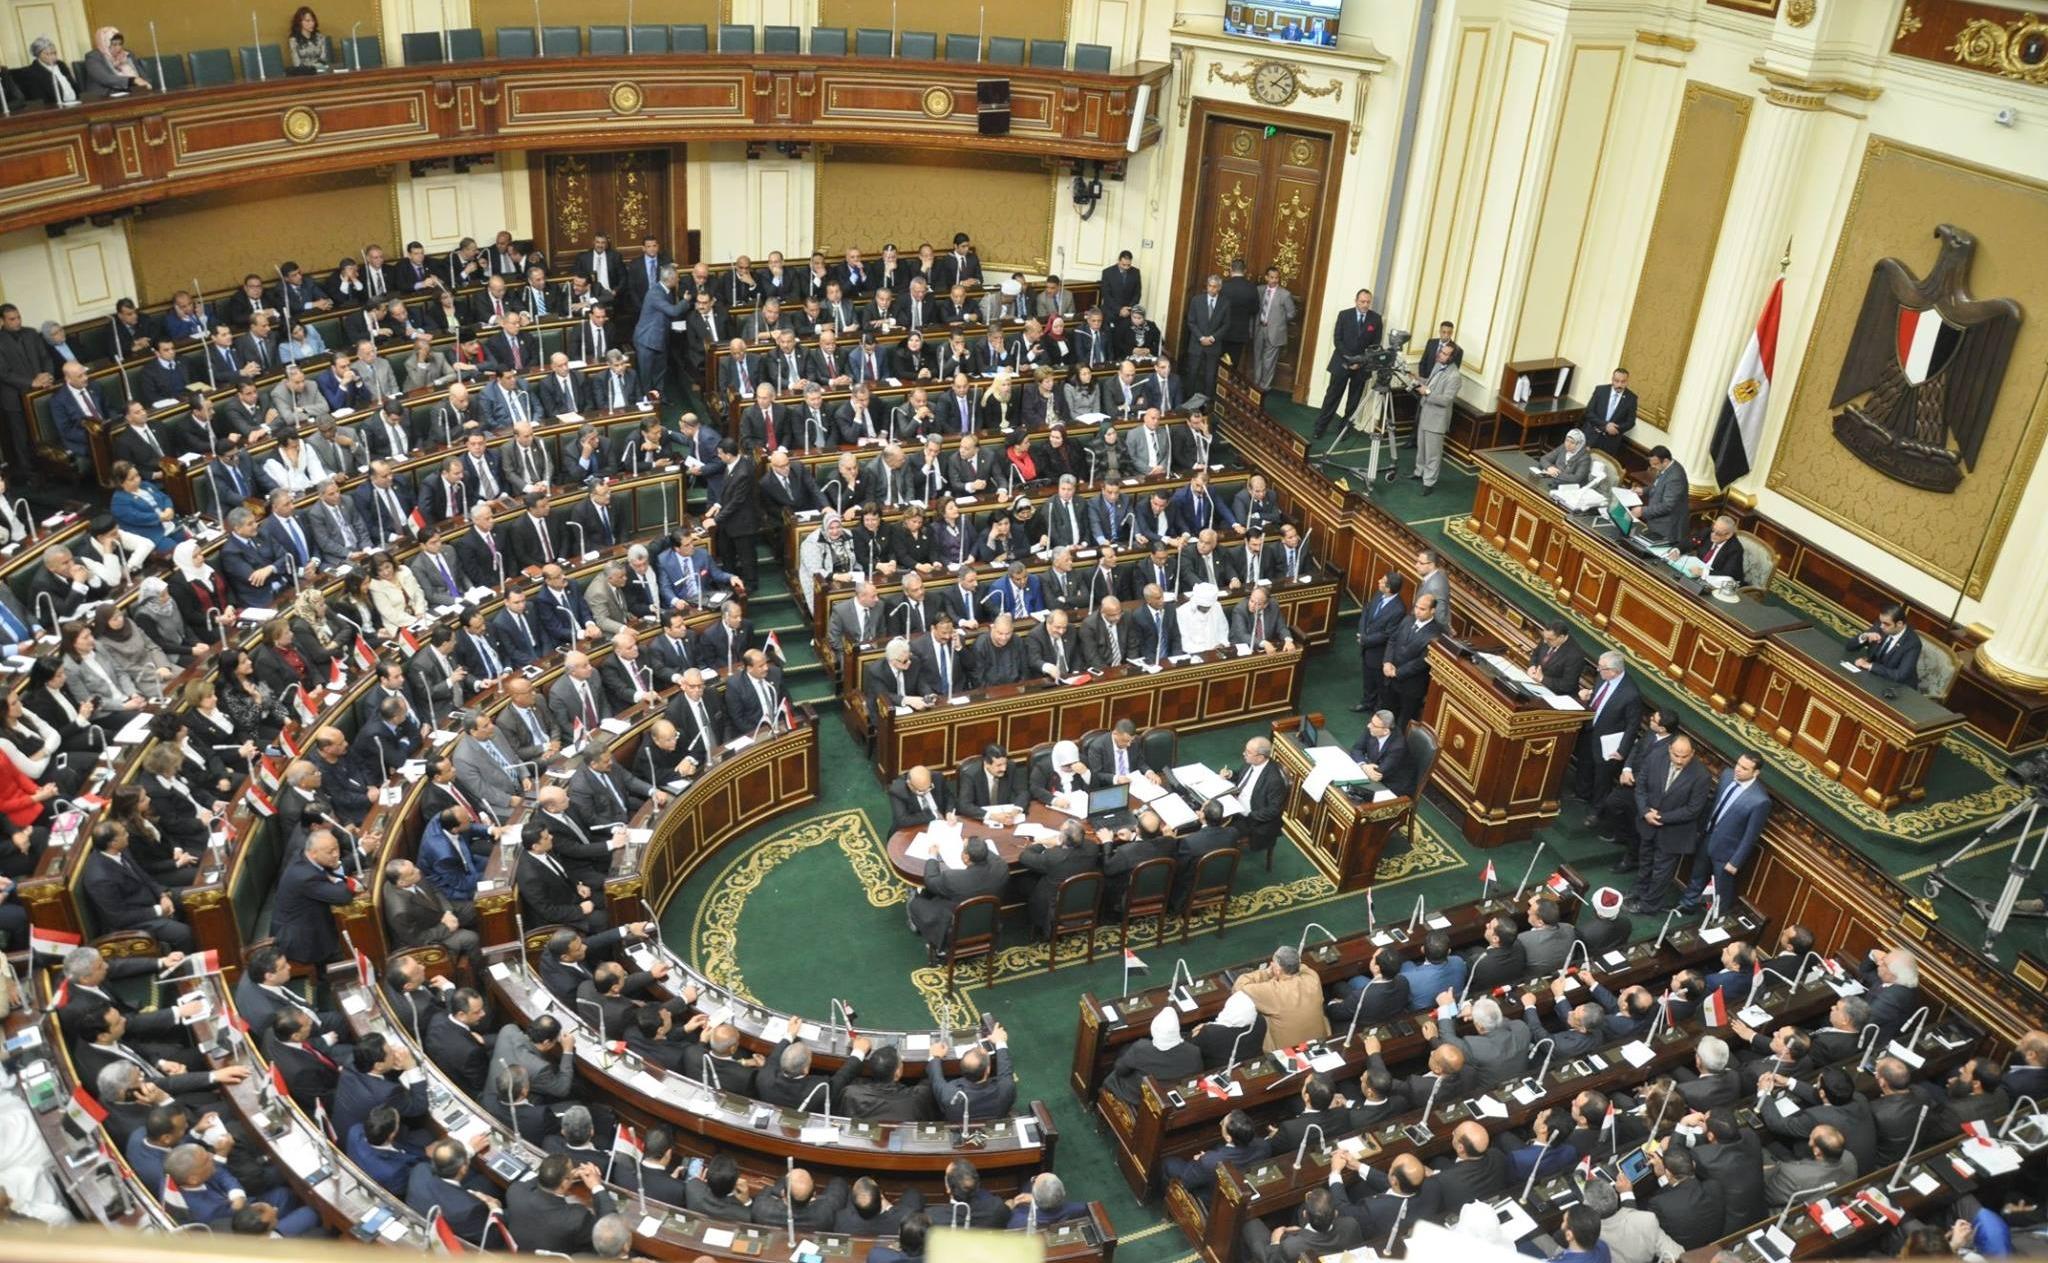 http://shbabbek.com/upload/طلب إحاطة للبرلمان يكشف انعدام الرقابة على تبرعات المستشفيات الخيرية